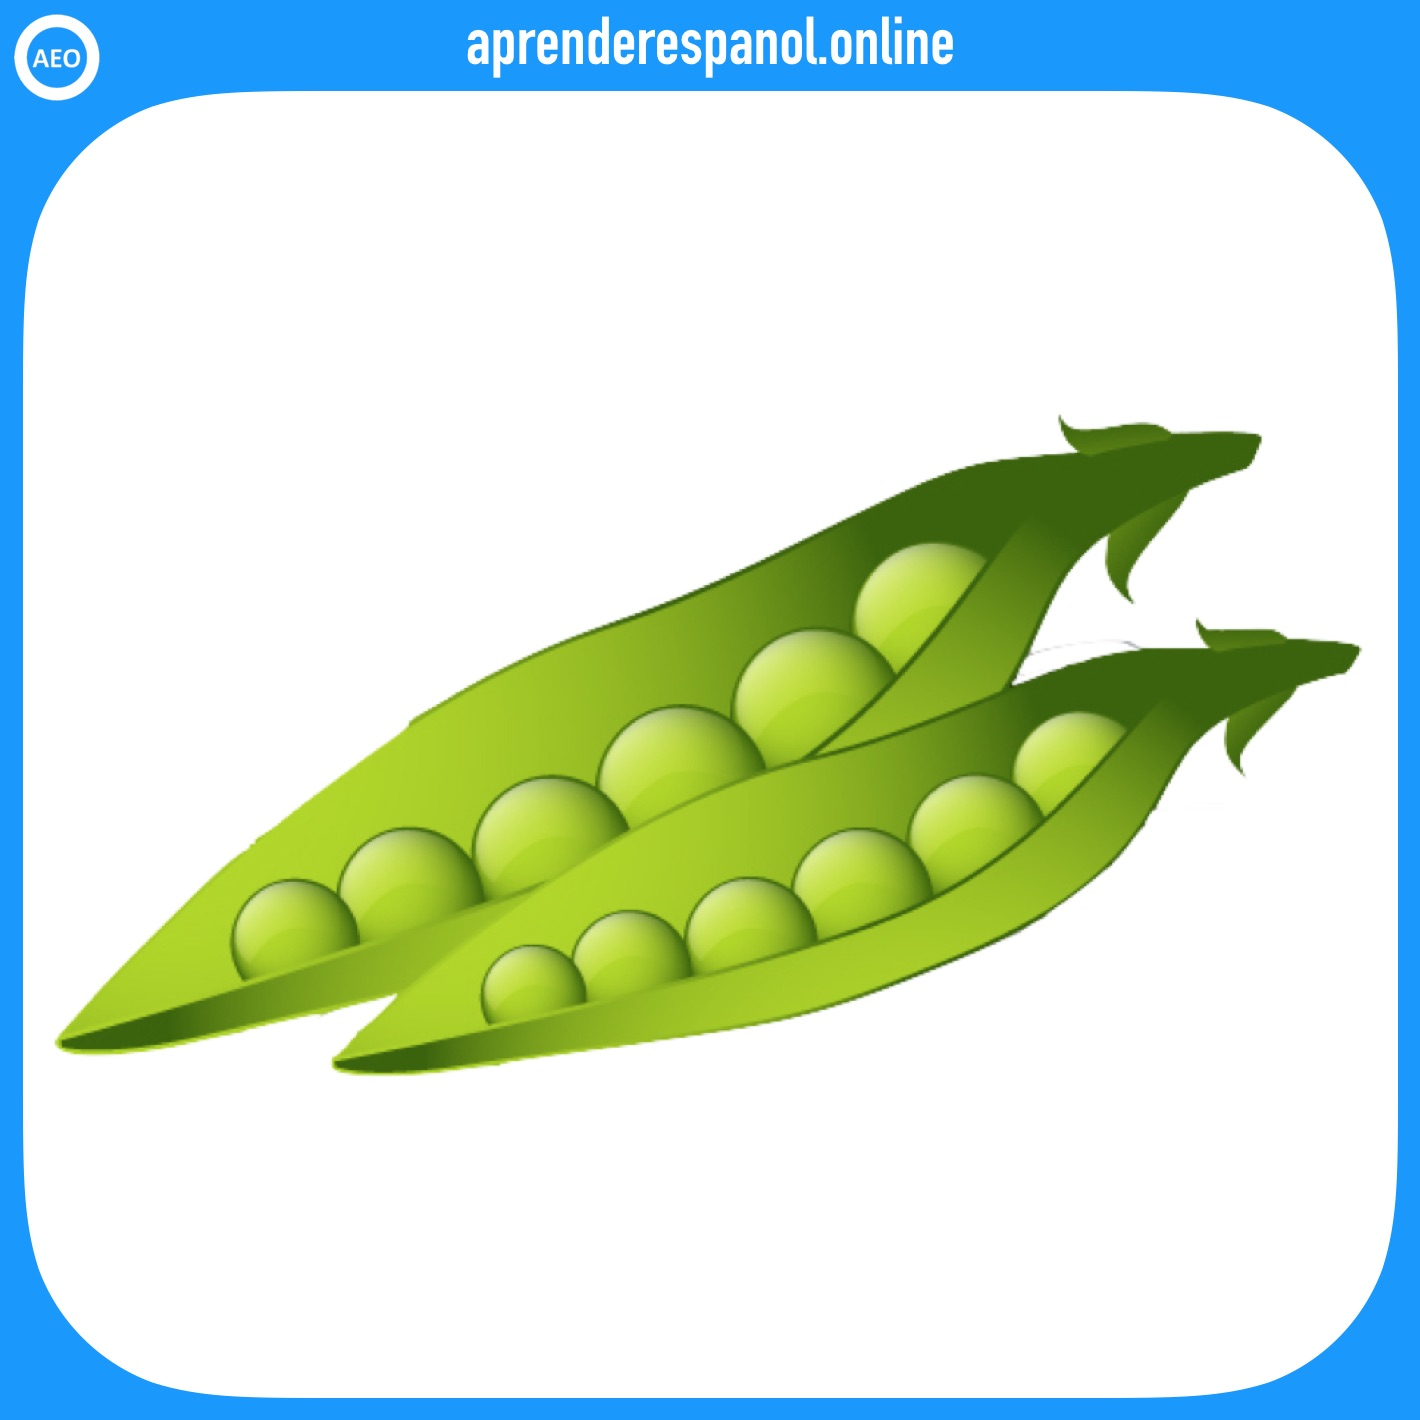 guisante | verduras en español | vocabulario de las verduras en español